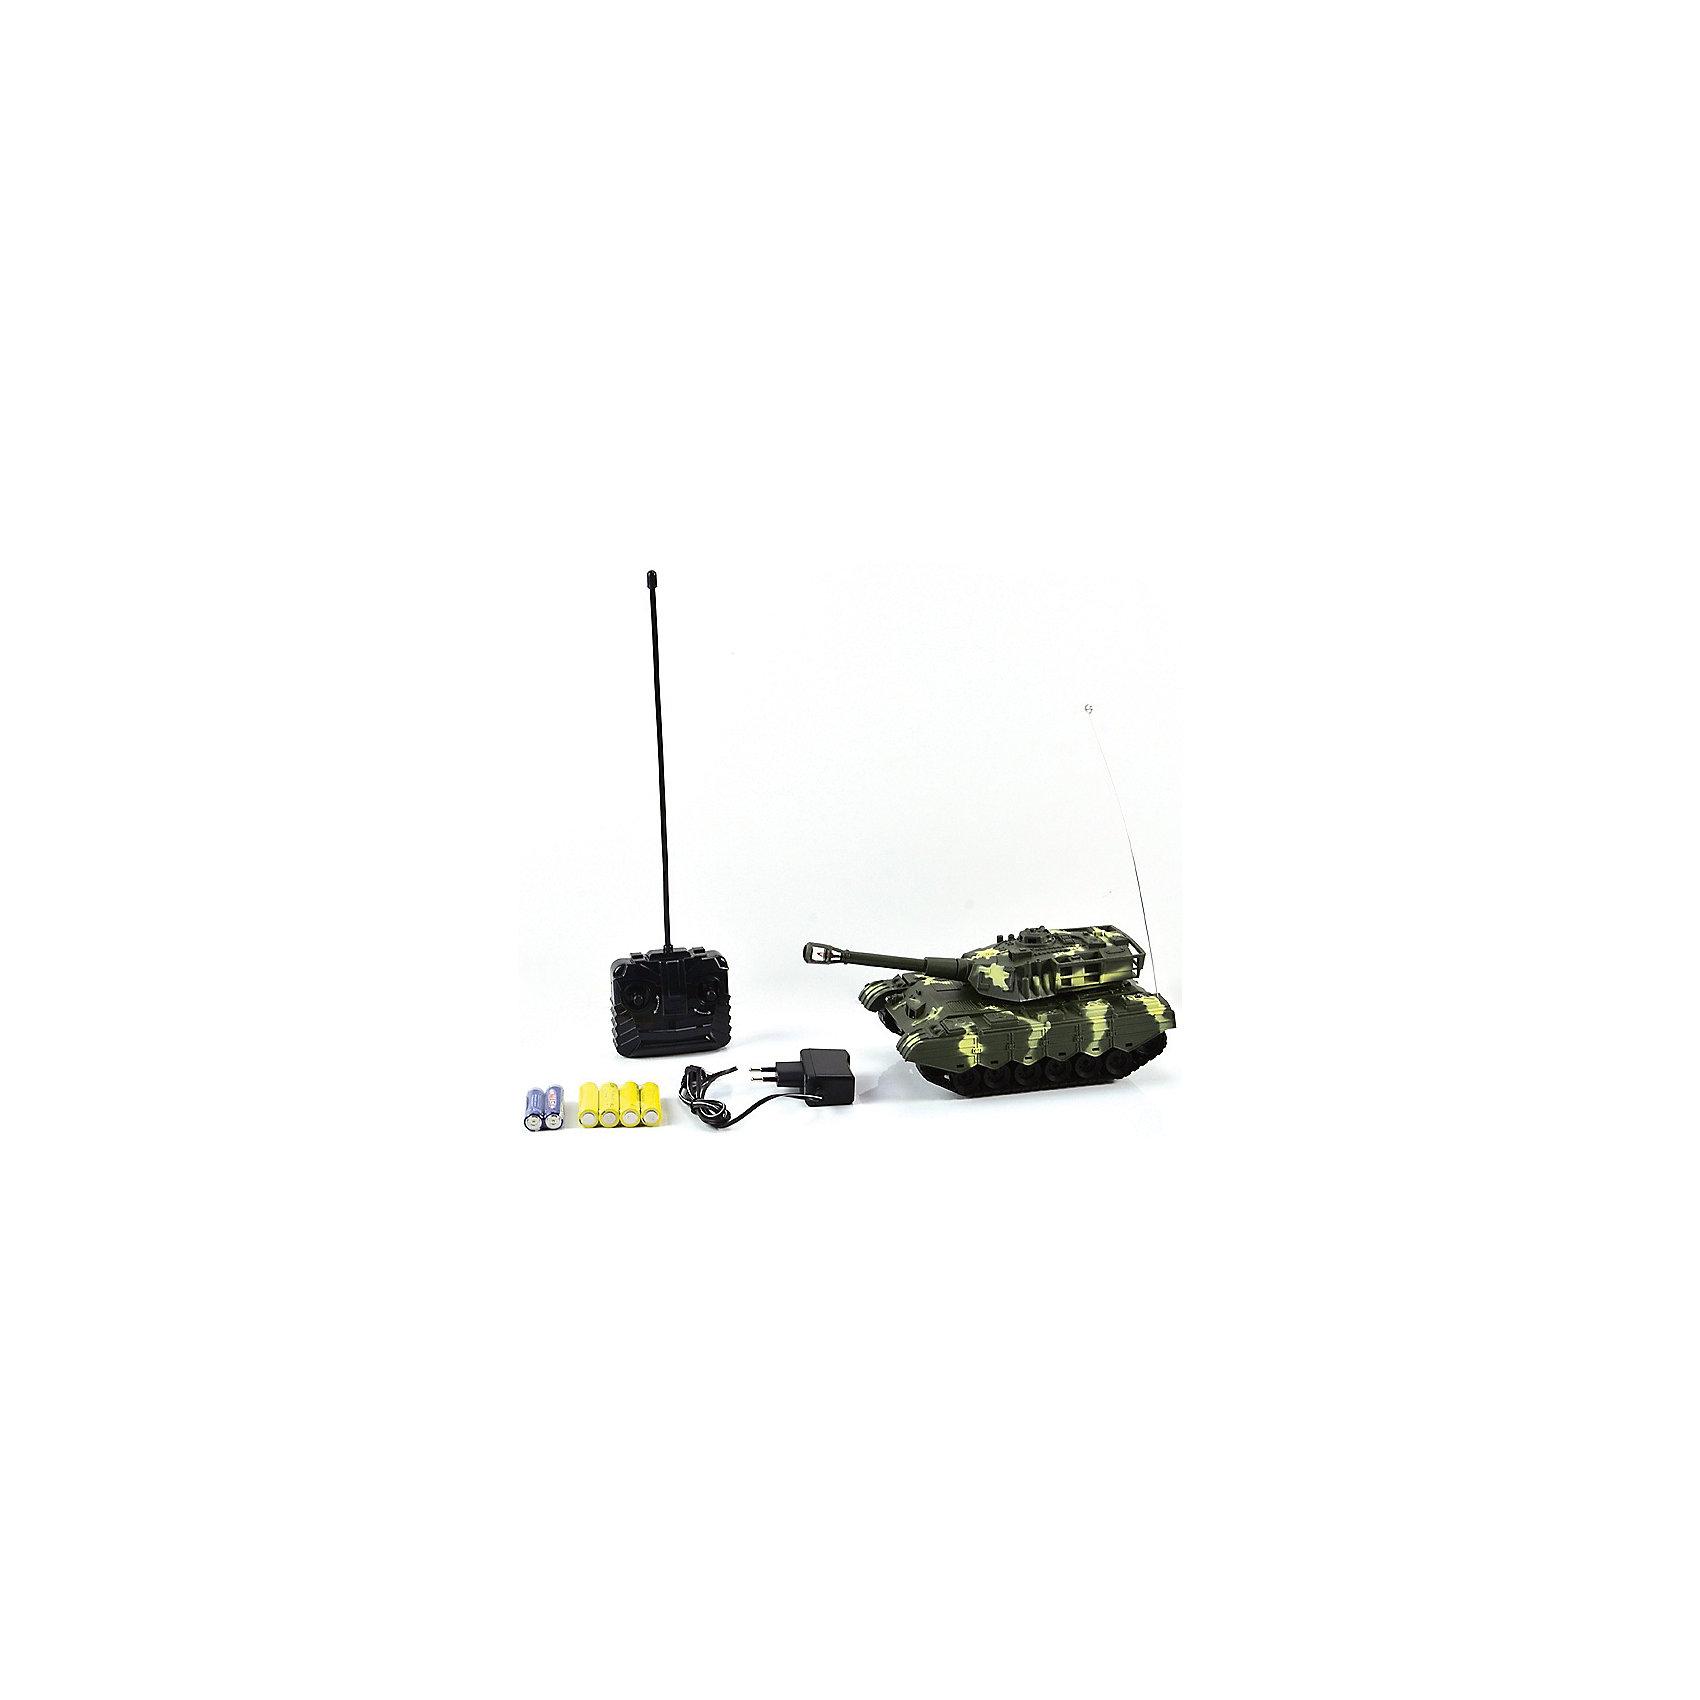 Mioshi Танк МТ-72, со светом и звуком, на радиоуправлении, Mioshi Army